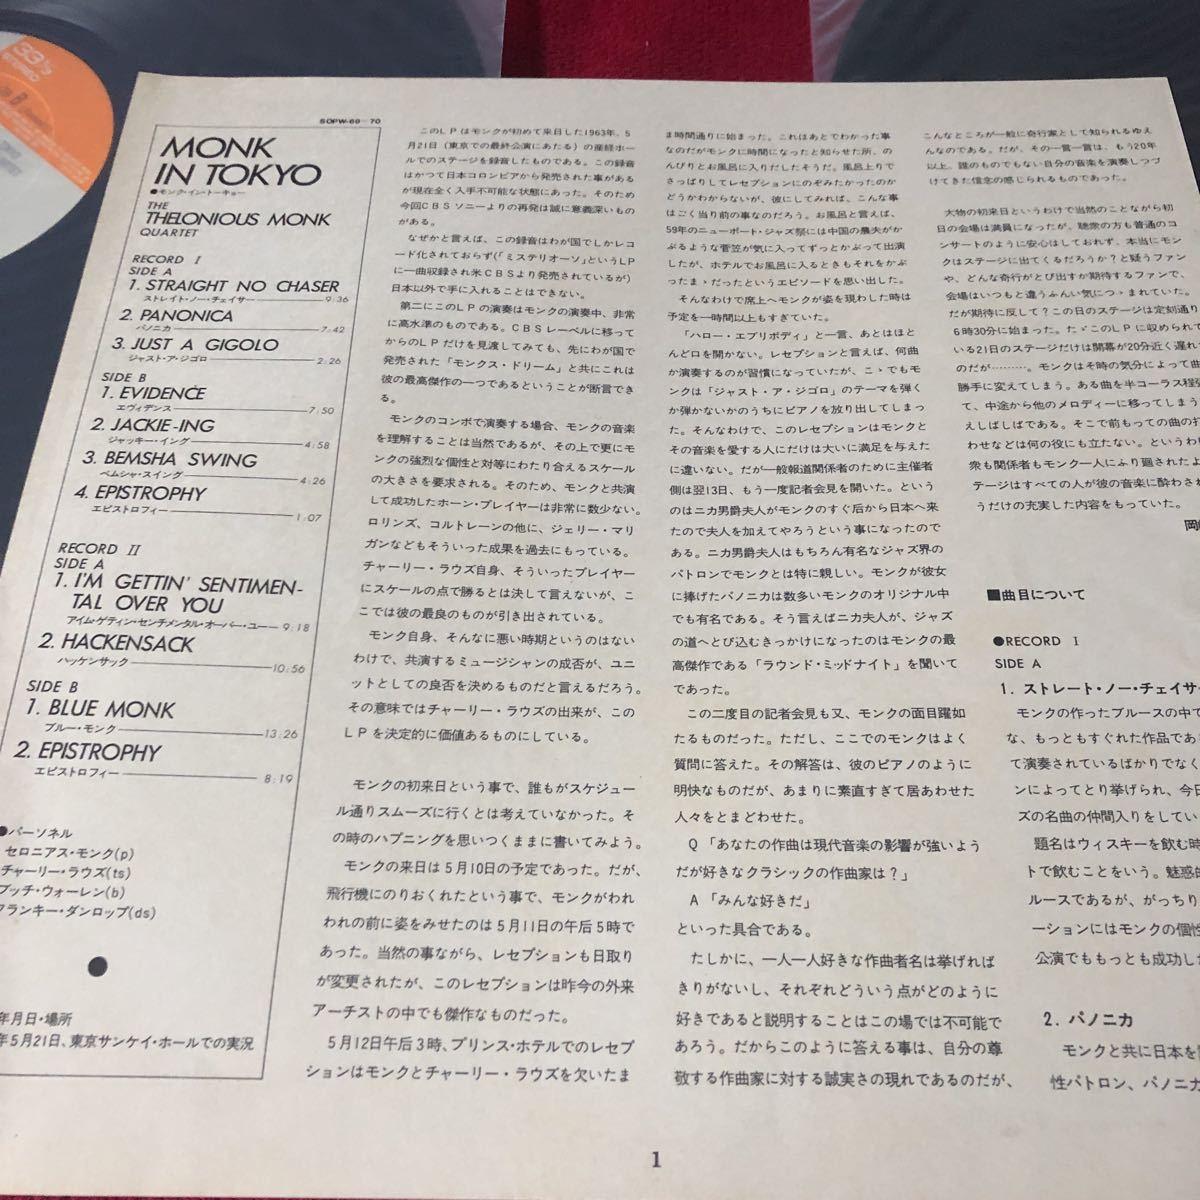 激レア盤★LPレコード★JAZZ★MONK★MONK in TOKYO THE THELONIUS MONK QUARTET ★2枚組★レコード多数出品中_画像3